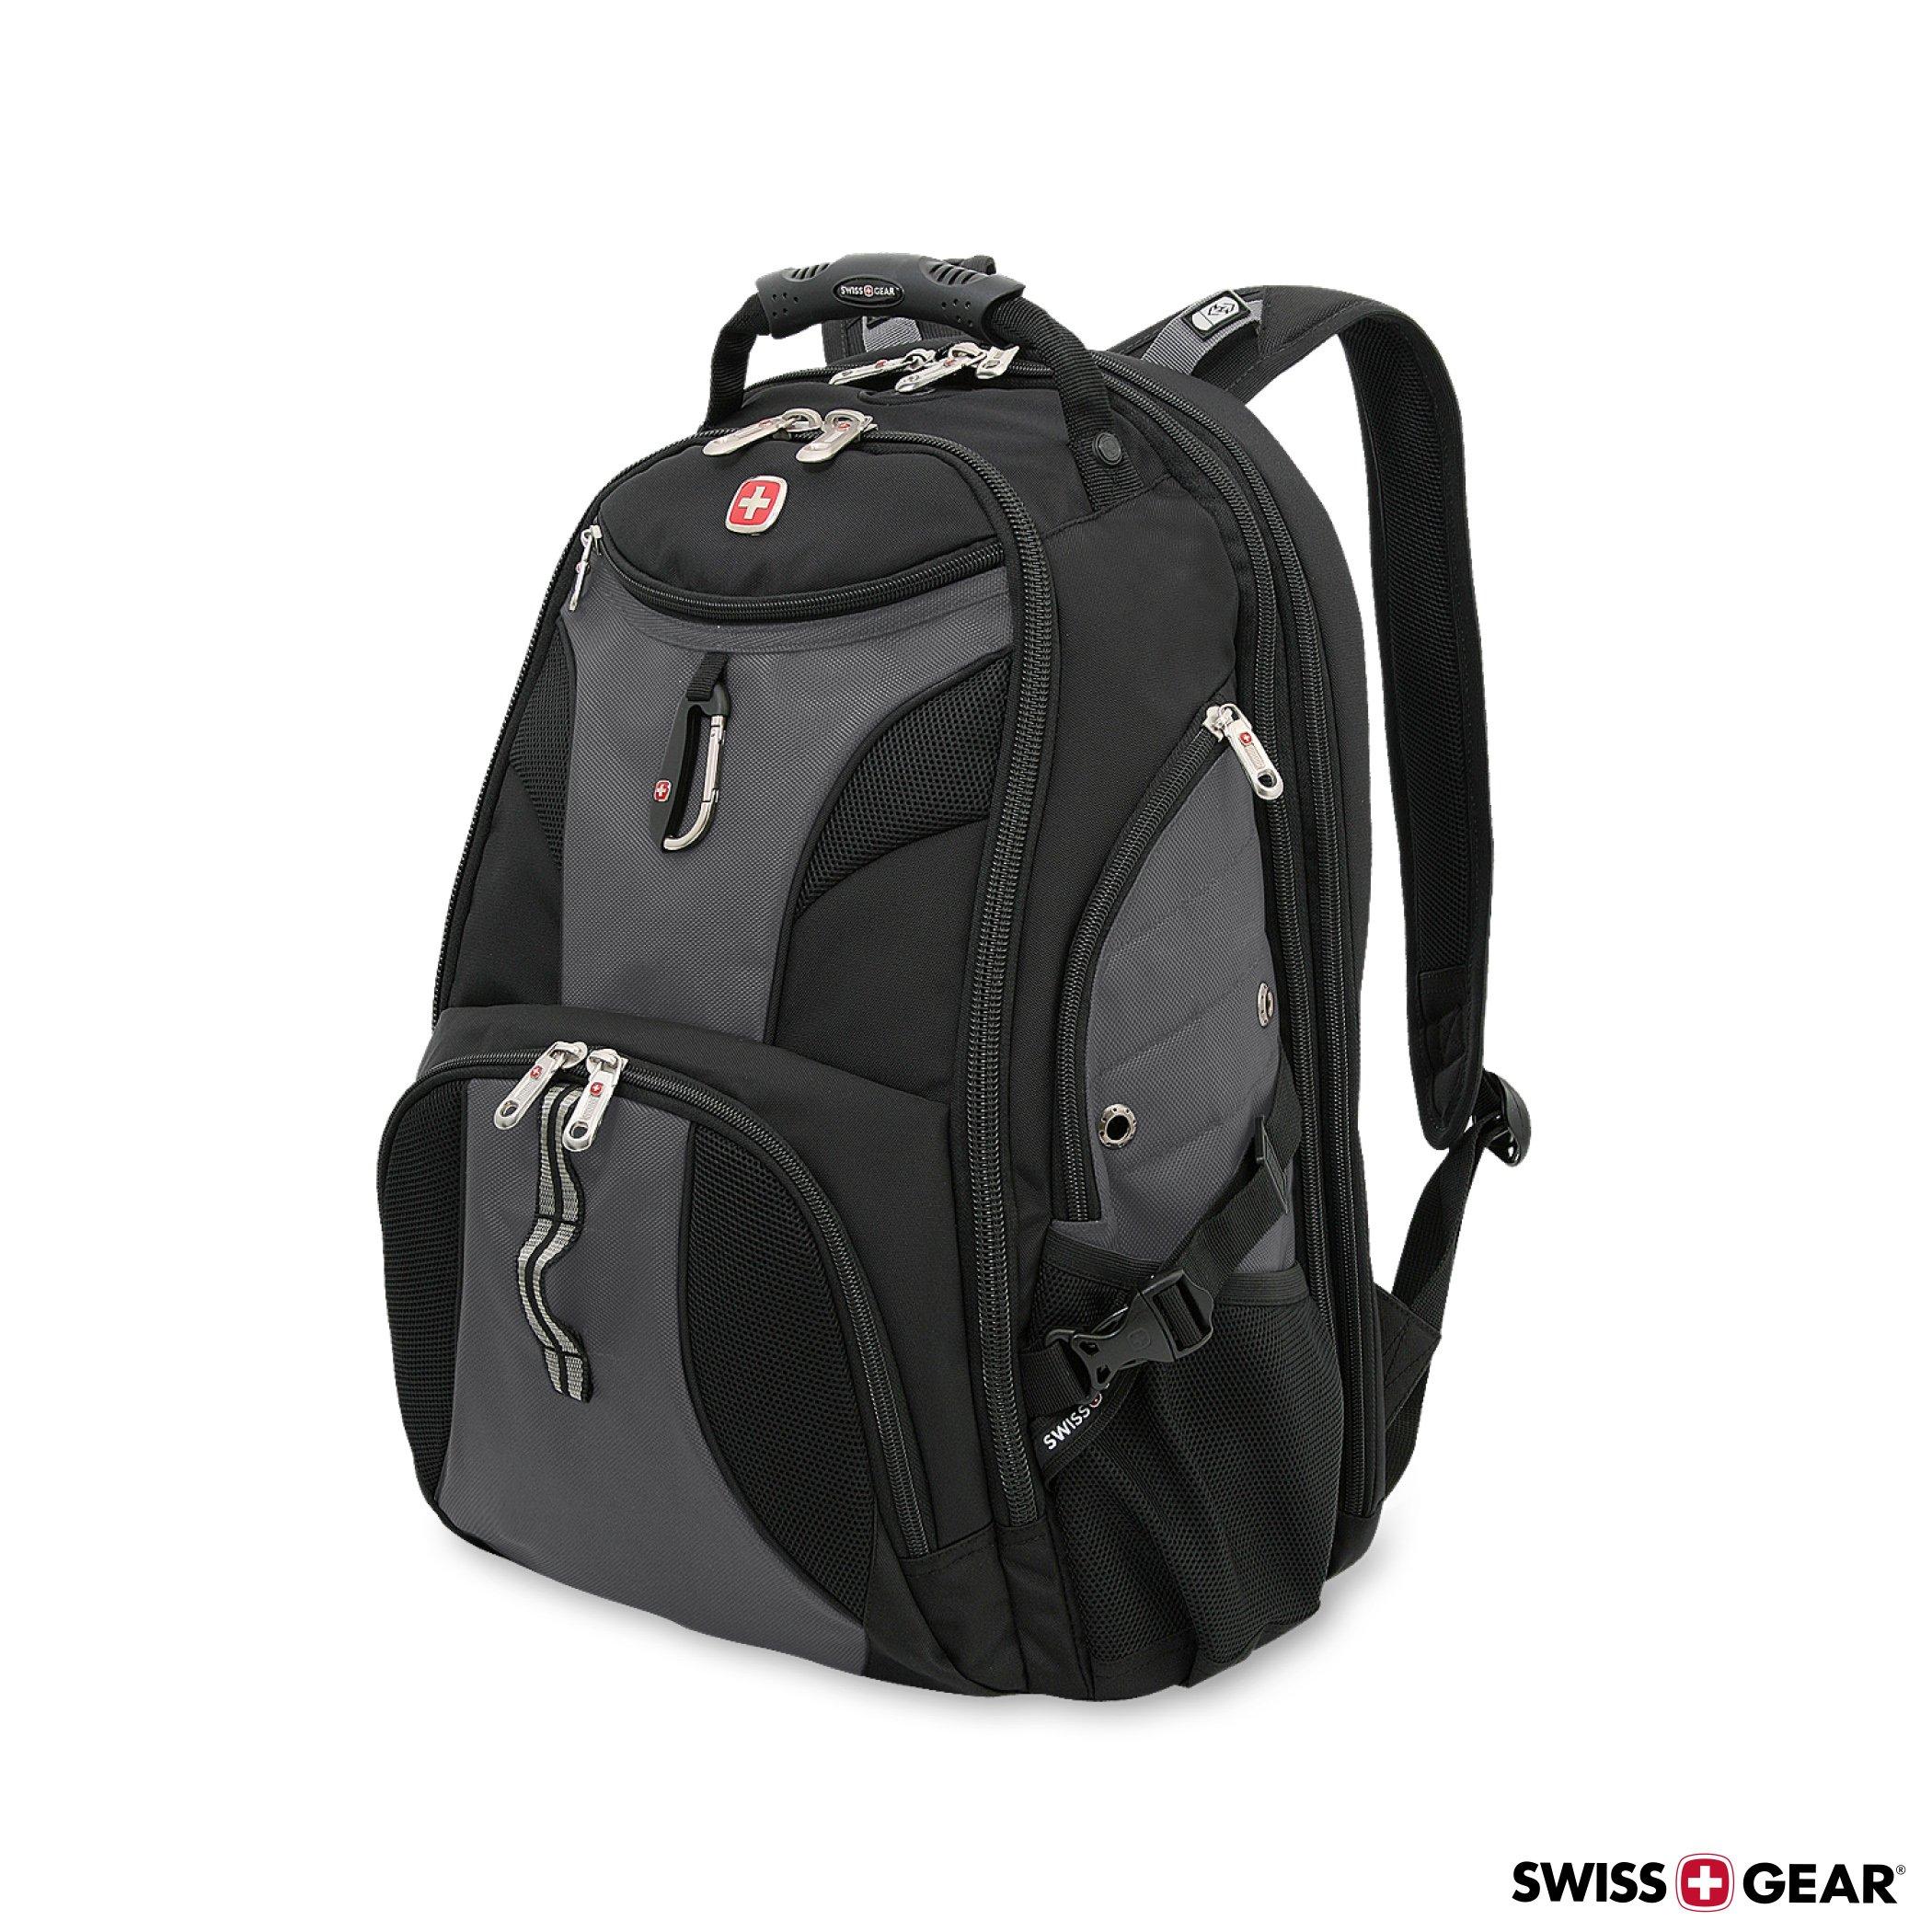 SwissGear Travel Gear 1900 Scansmart TSA Laptop Backpack - 19''